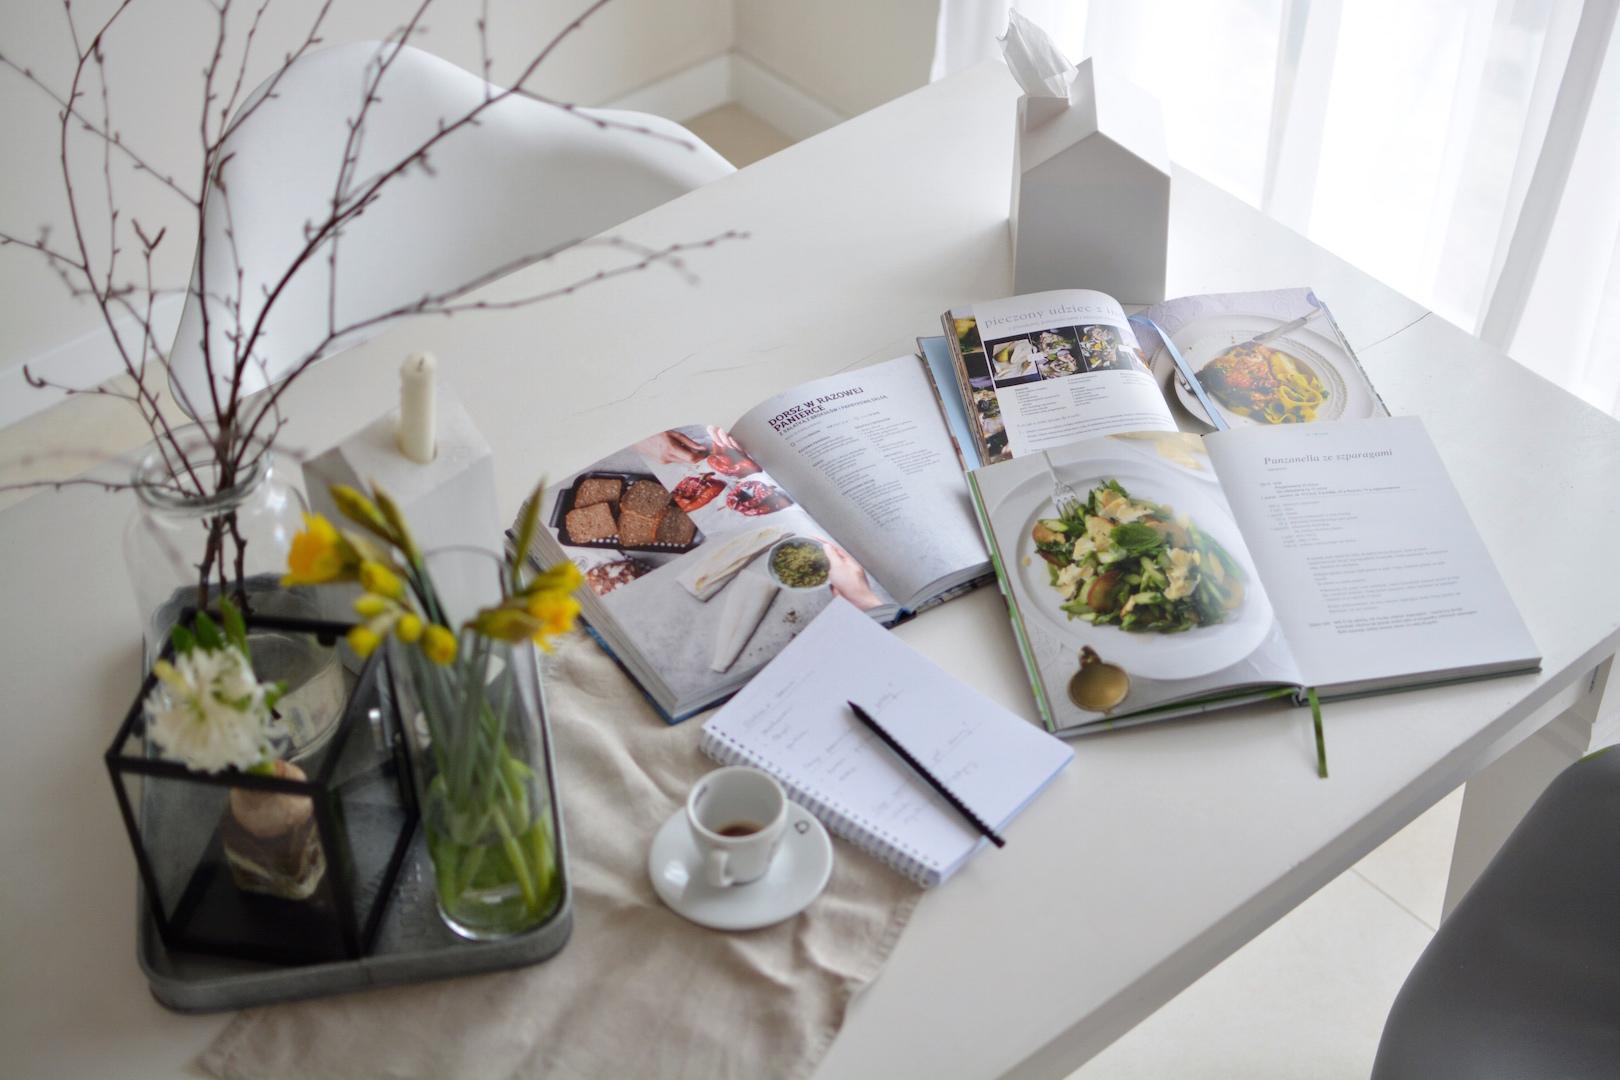 tygodniowy jadłospis, przepisy, chaos w kuchni, planowanie posiłków